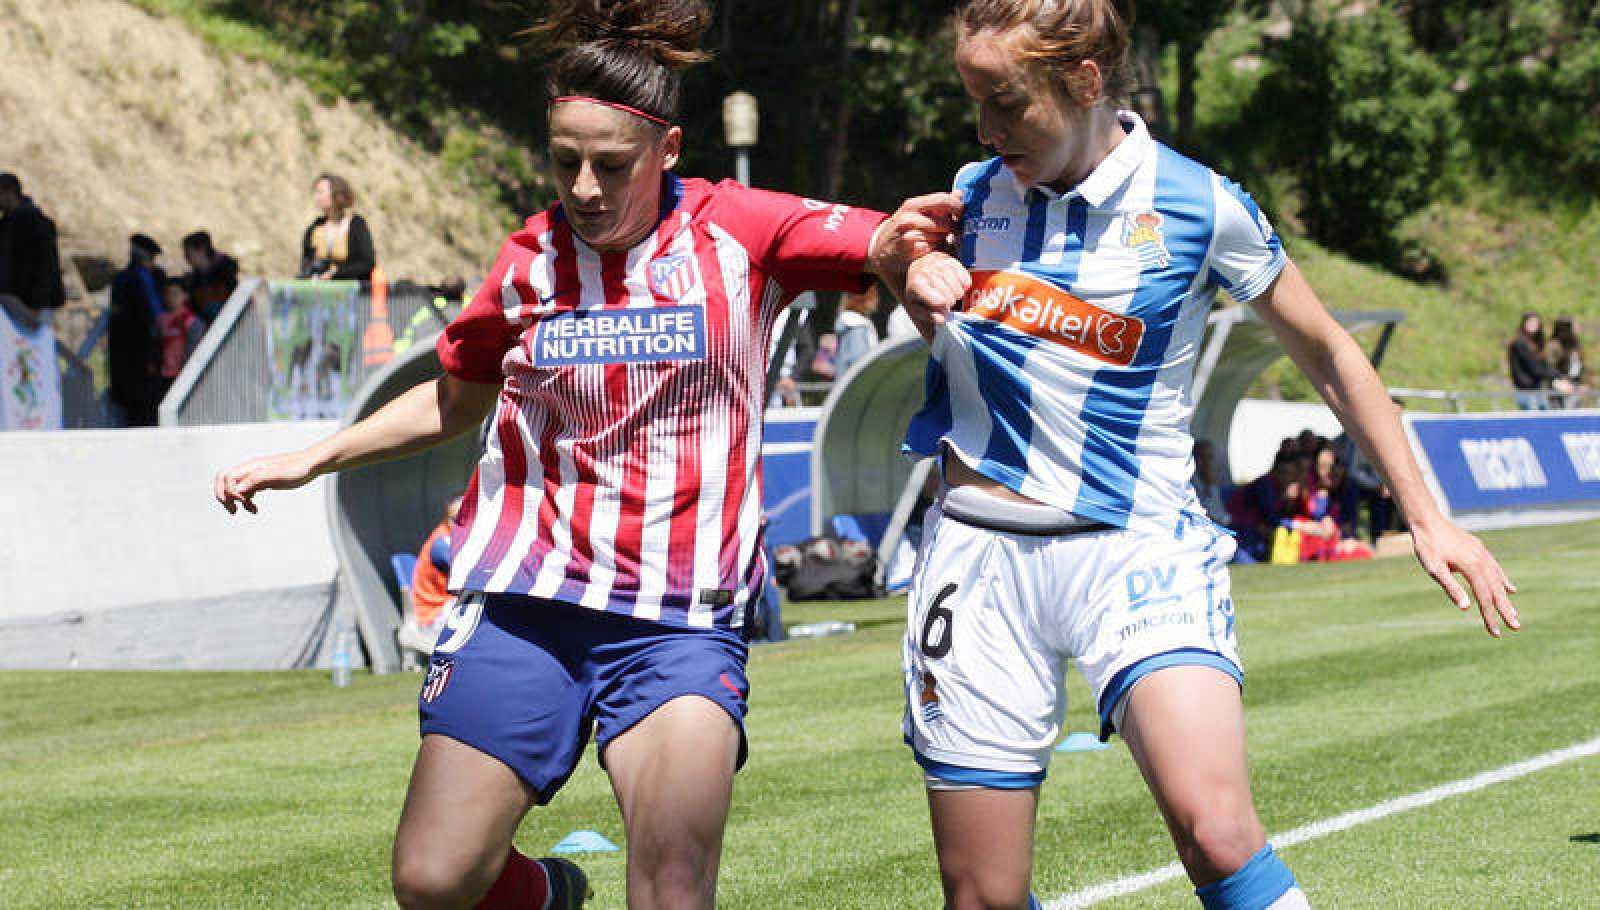 Real Sociedad, campeón de Copa, y Atlético, campeón de Liga, jugarán la Supercopa.